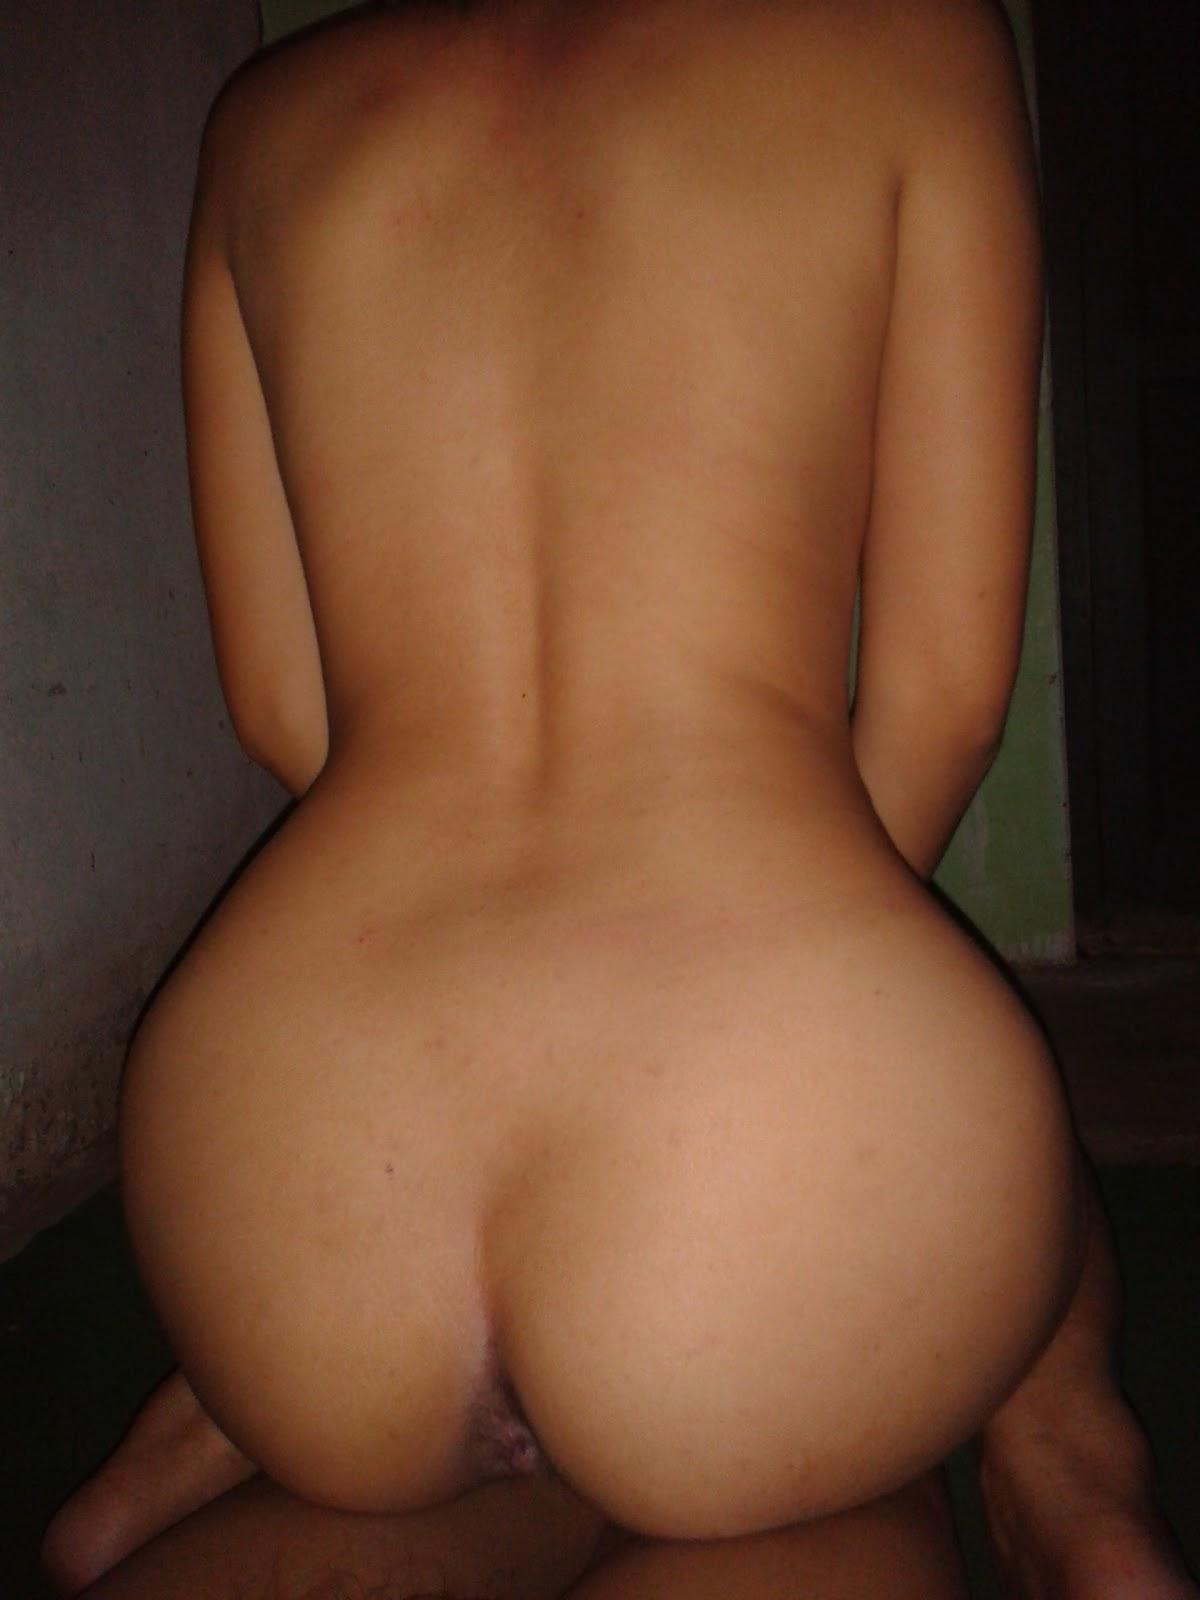 women Burma myanmar sex girl